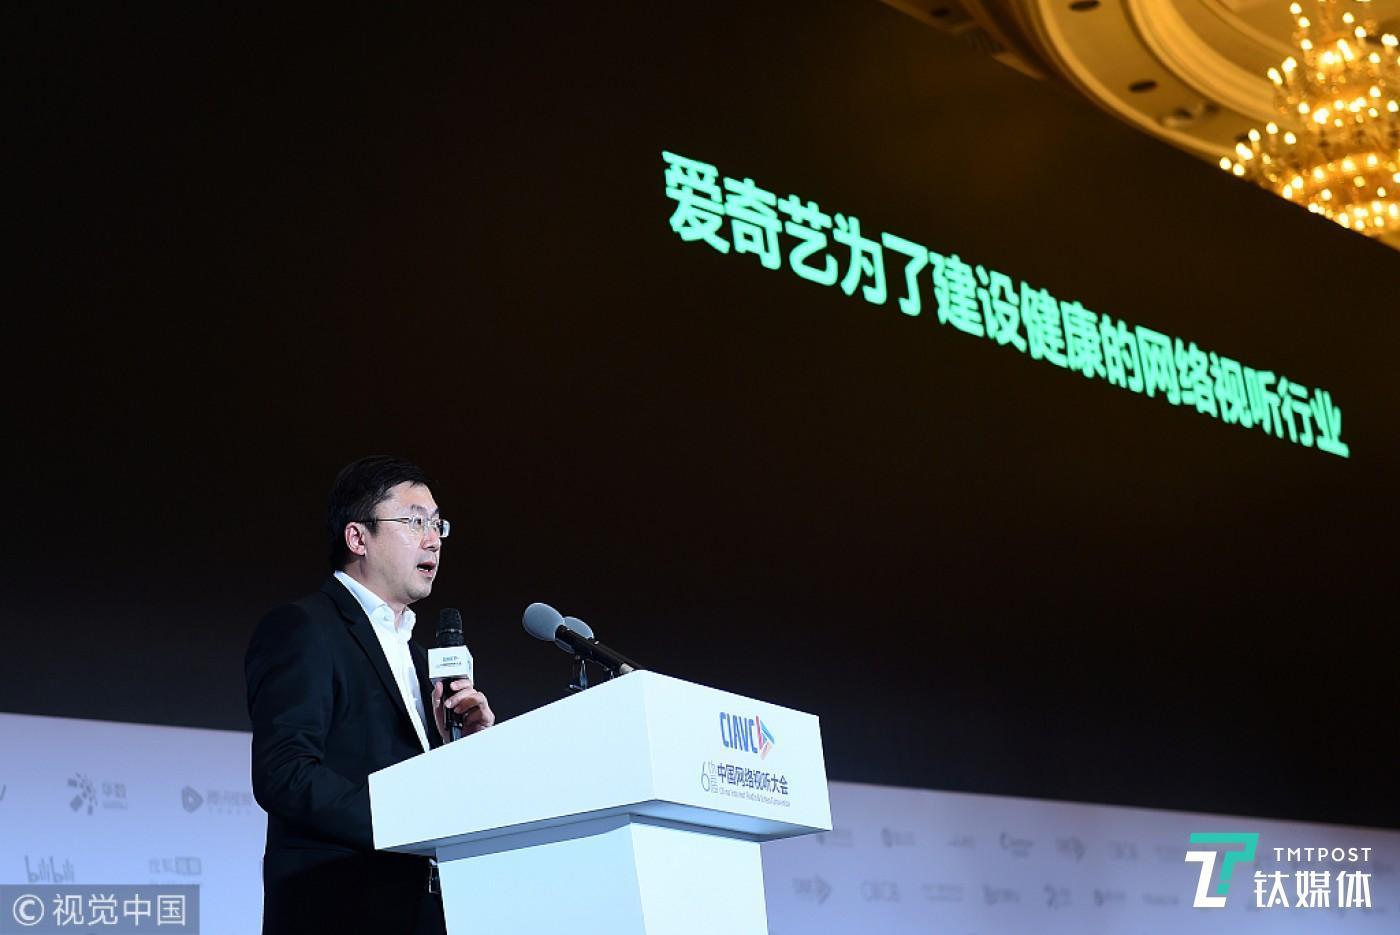 龚宇在 2018 年中国网络视听大会上演讲